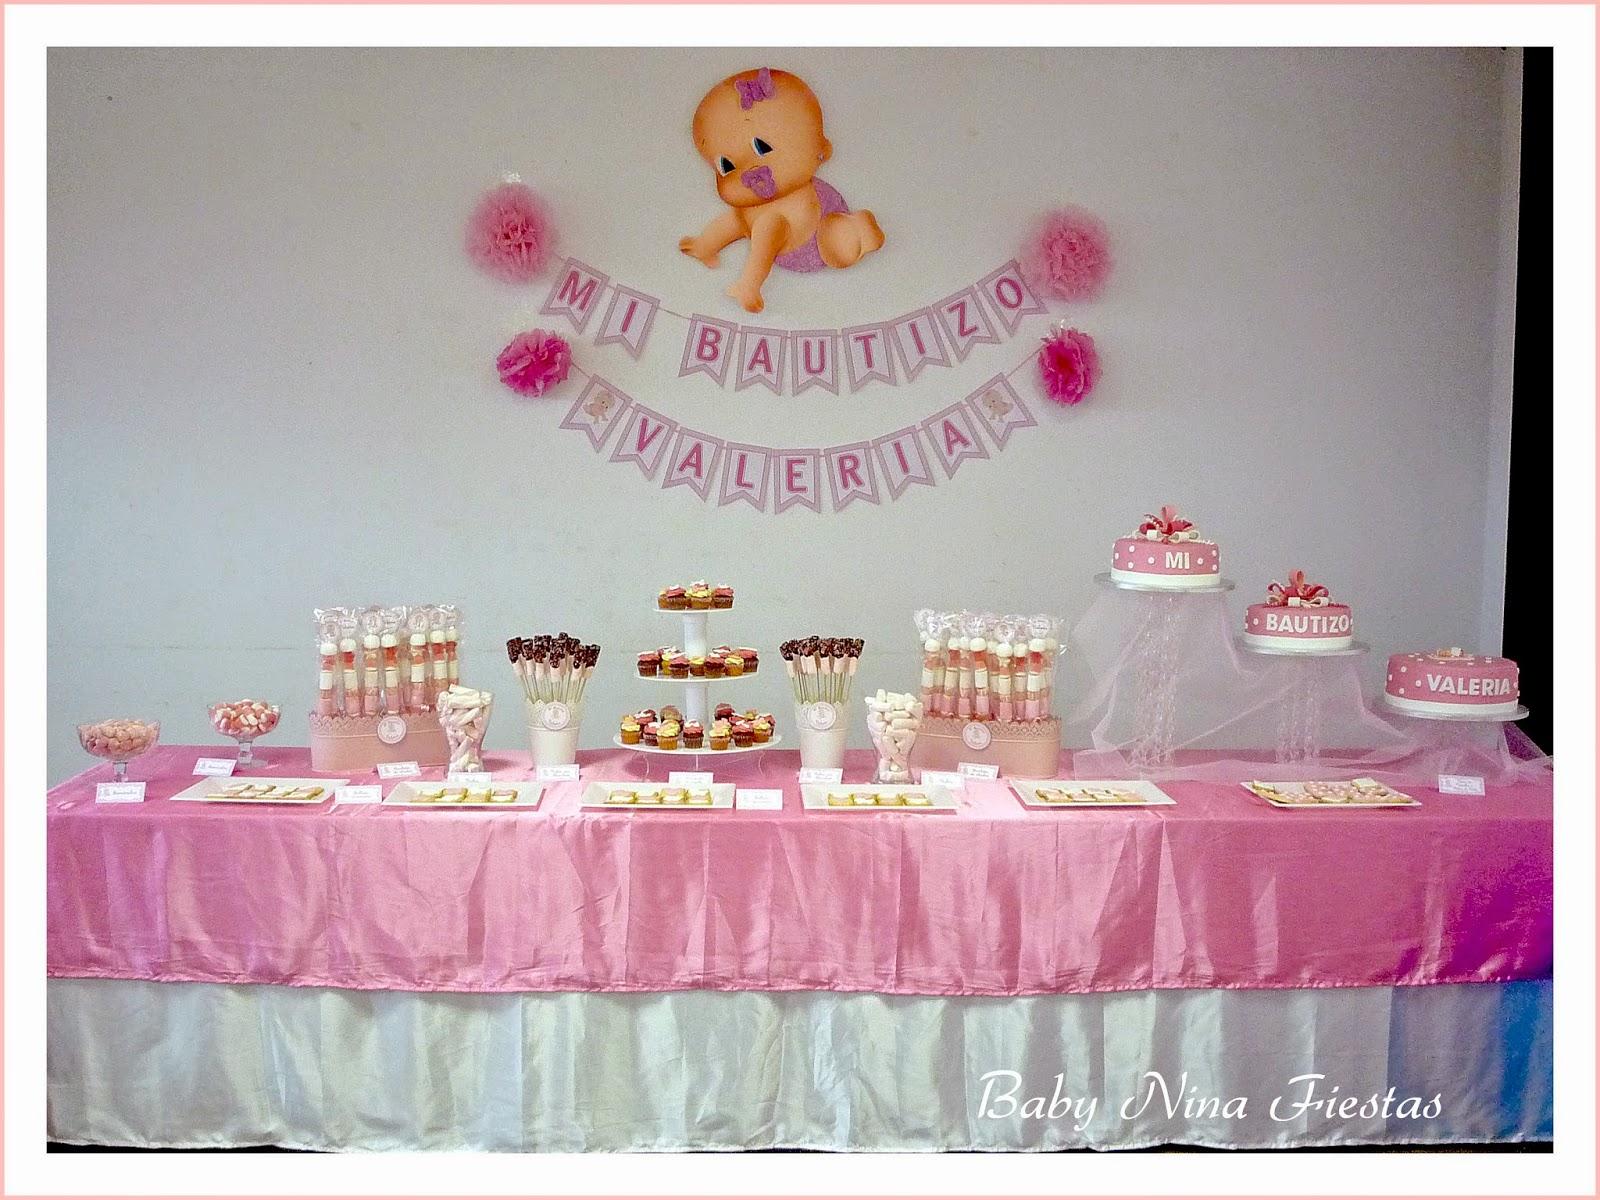 Baby nina fiestas bautizo de valeria - Como hacer centros de mesa con dulces para bautizo ...